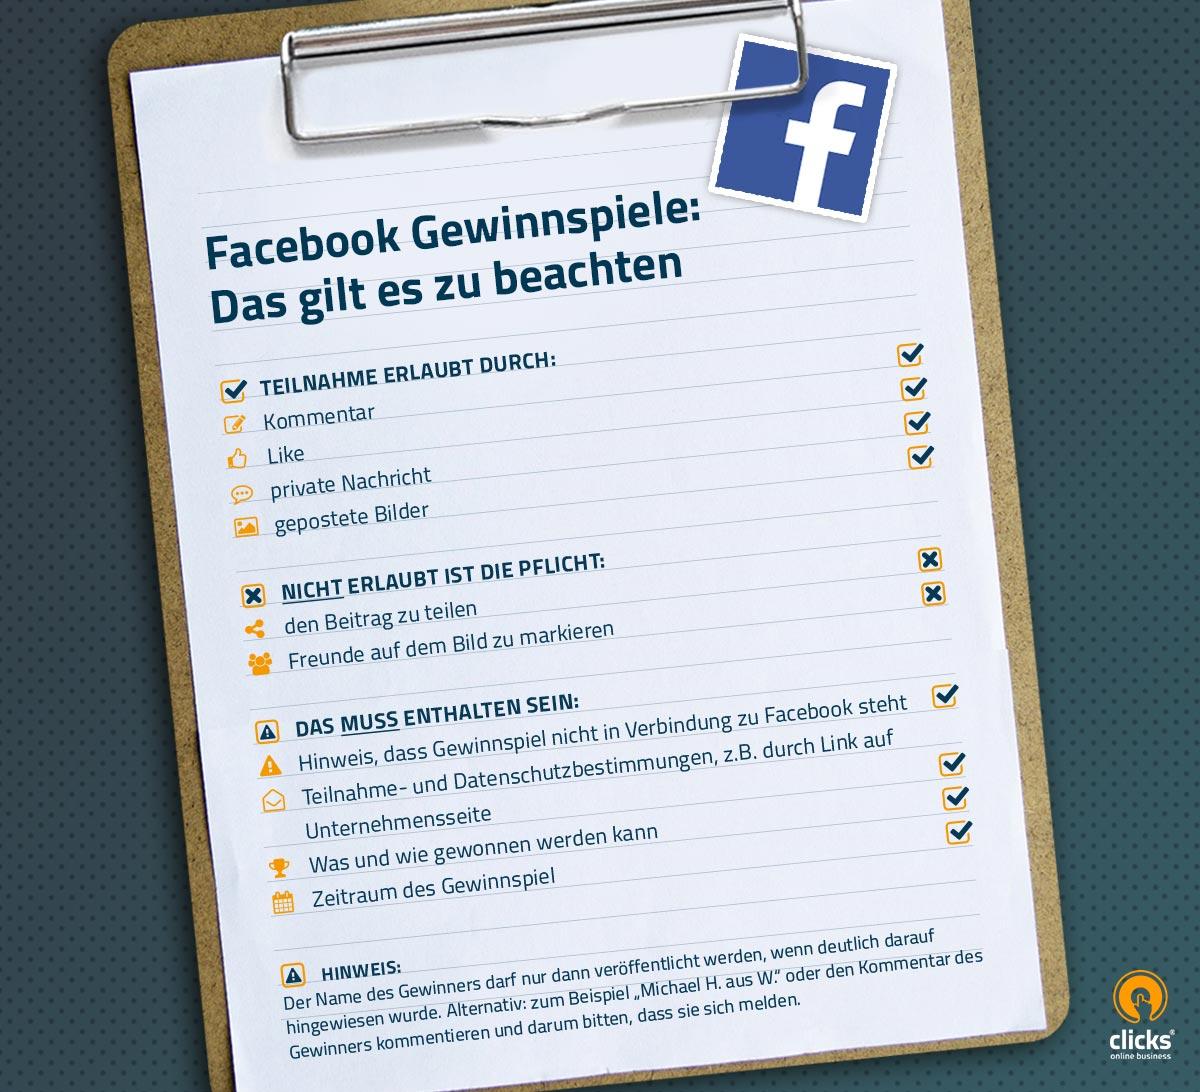 facebookgruppe gewinnspiele verlosung